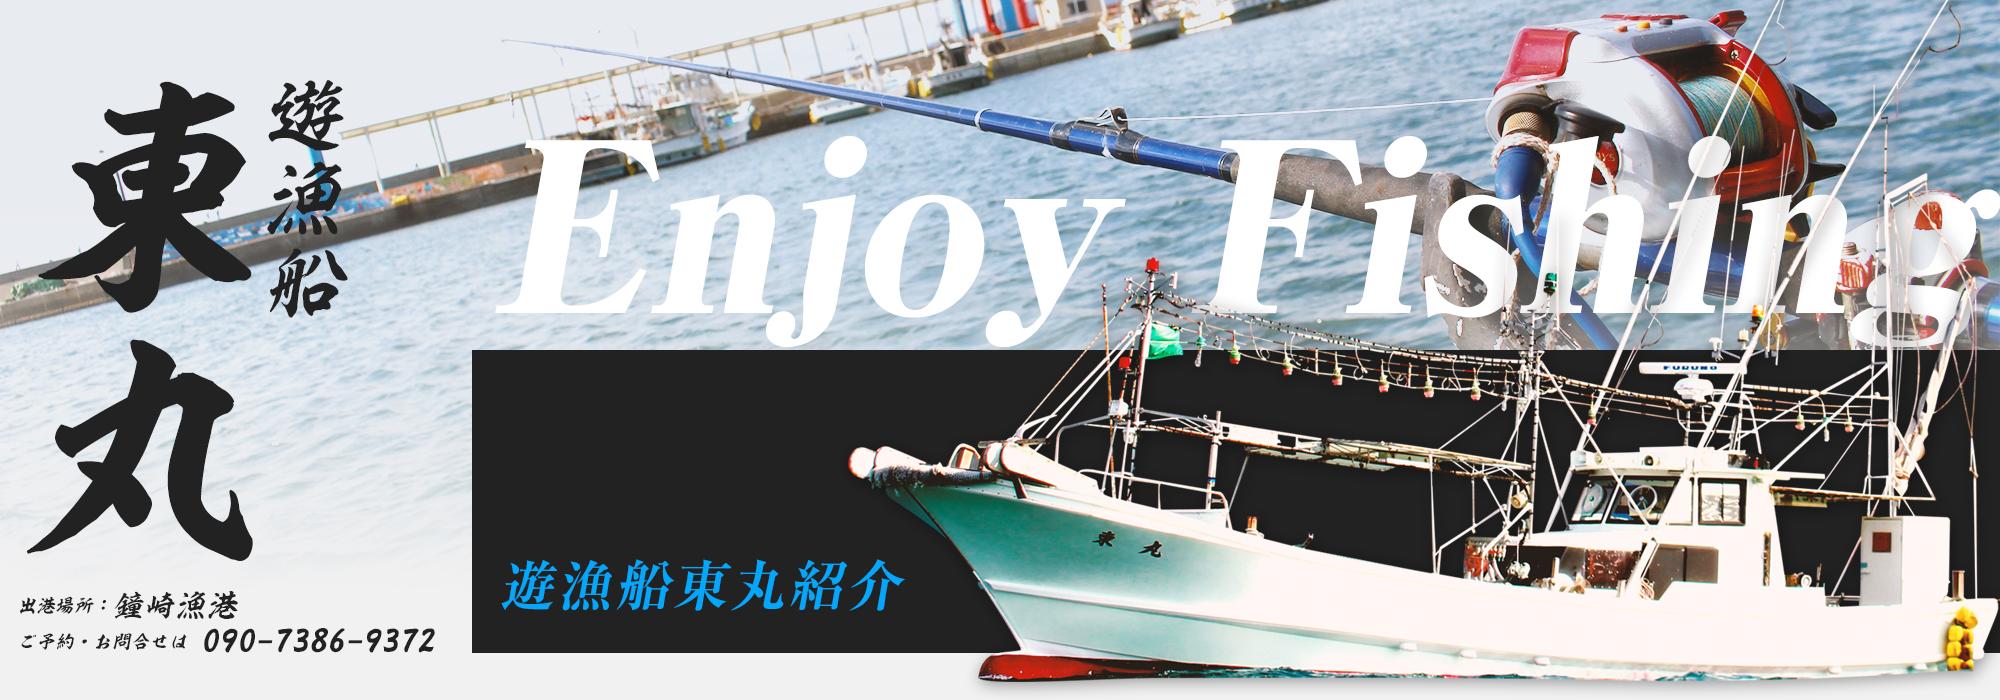 遊漁船東丸紹介